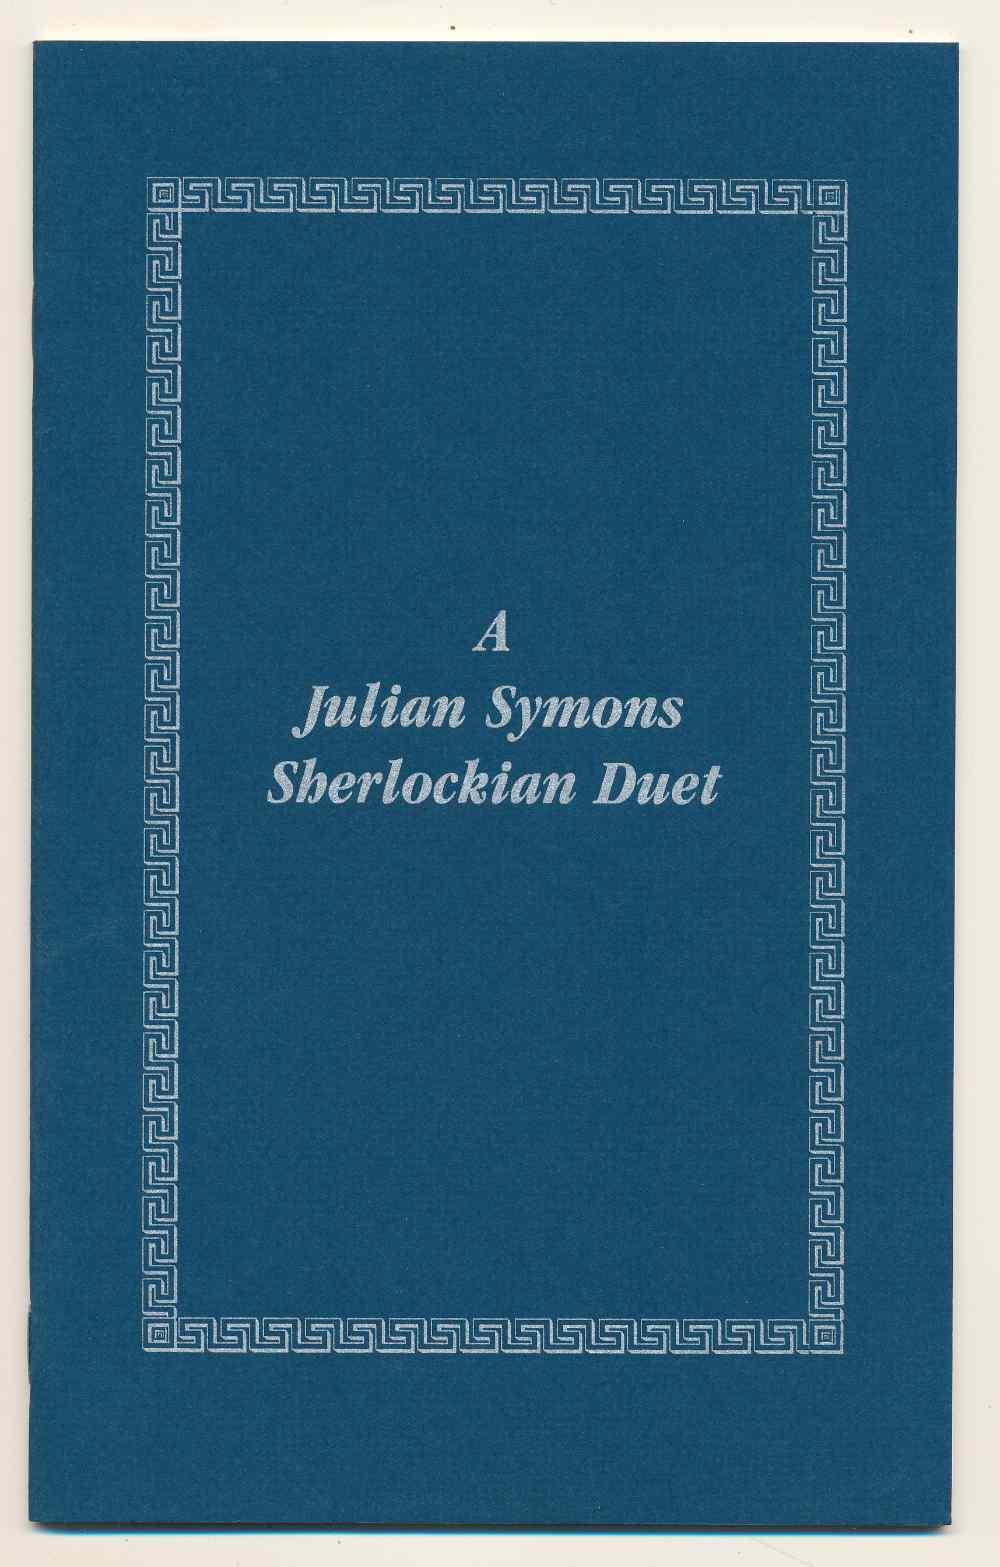 A Julian Symons Sherlockian duet